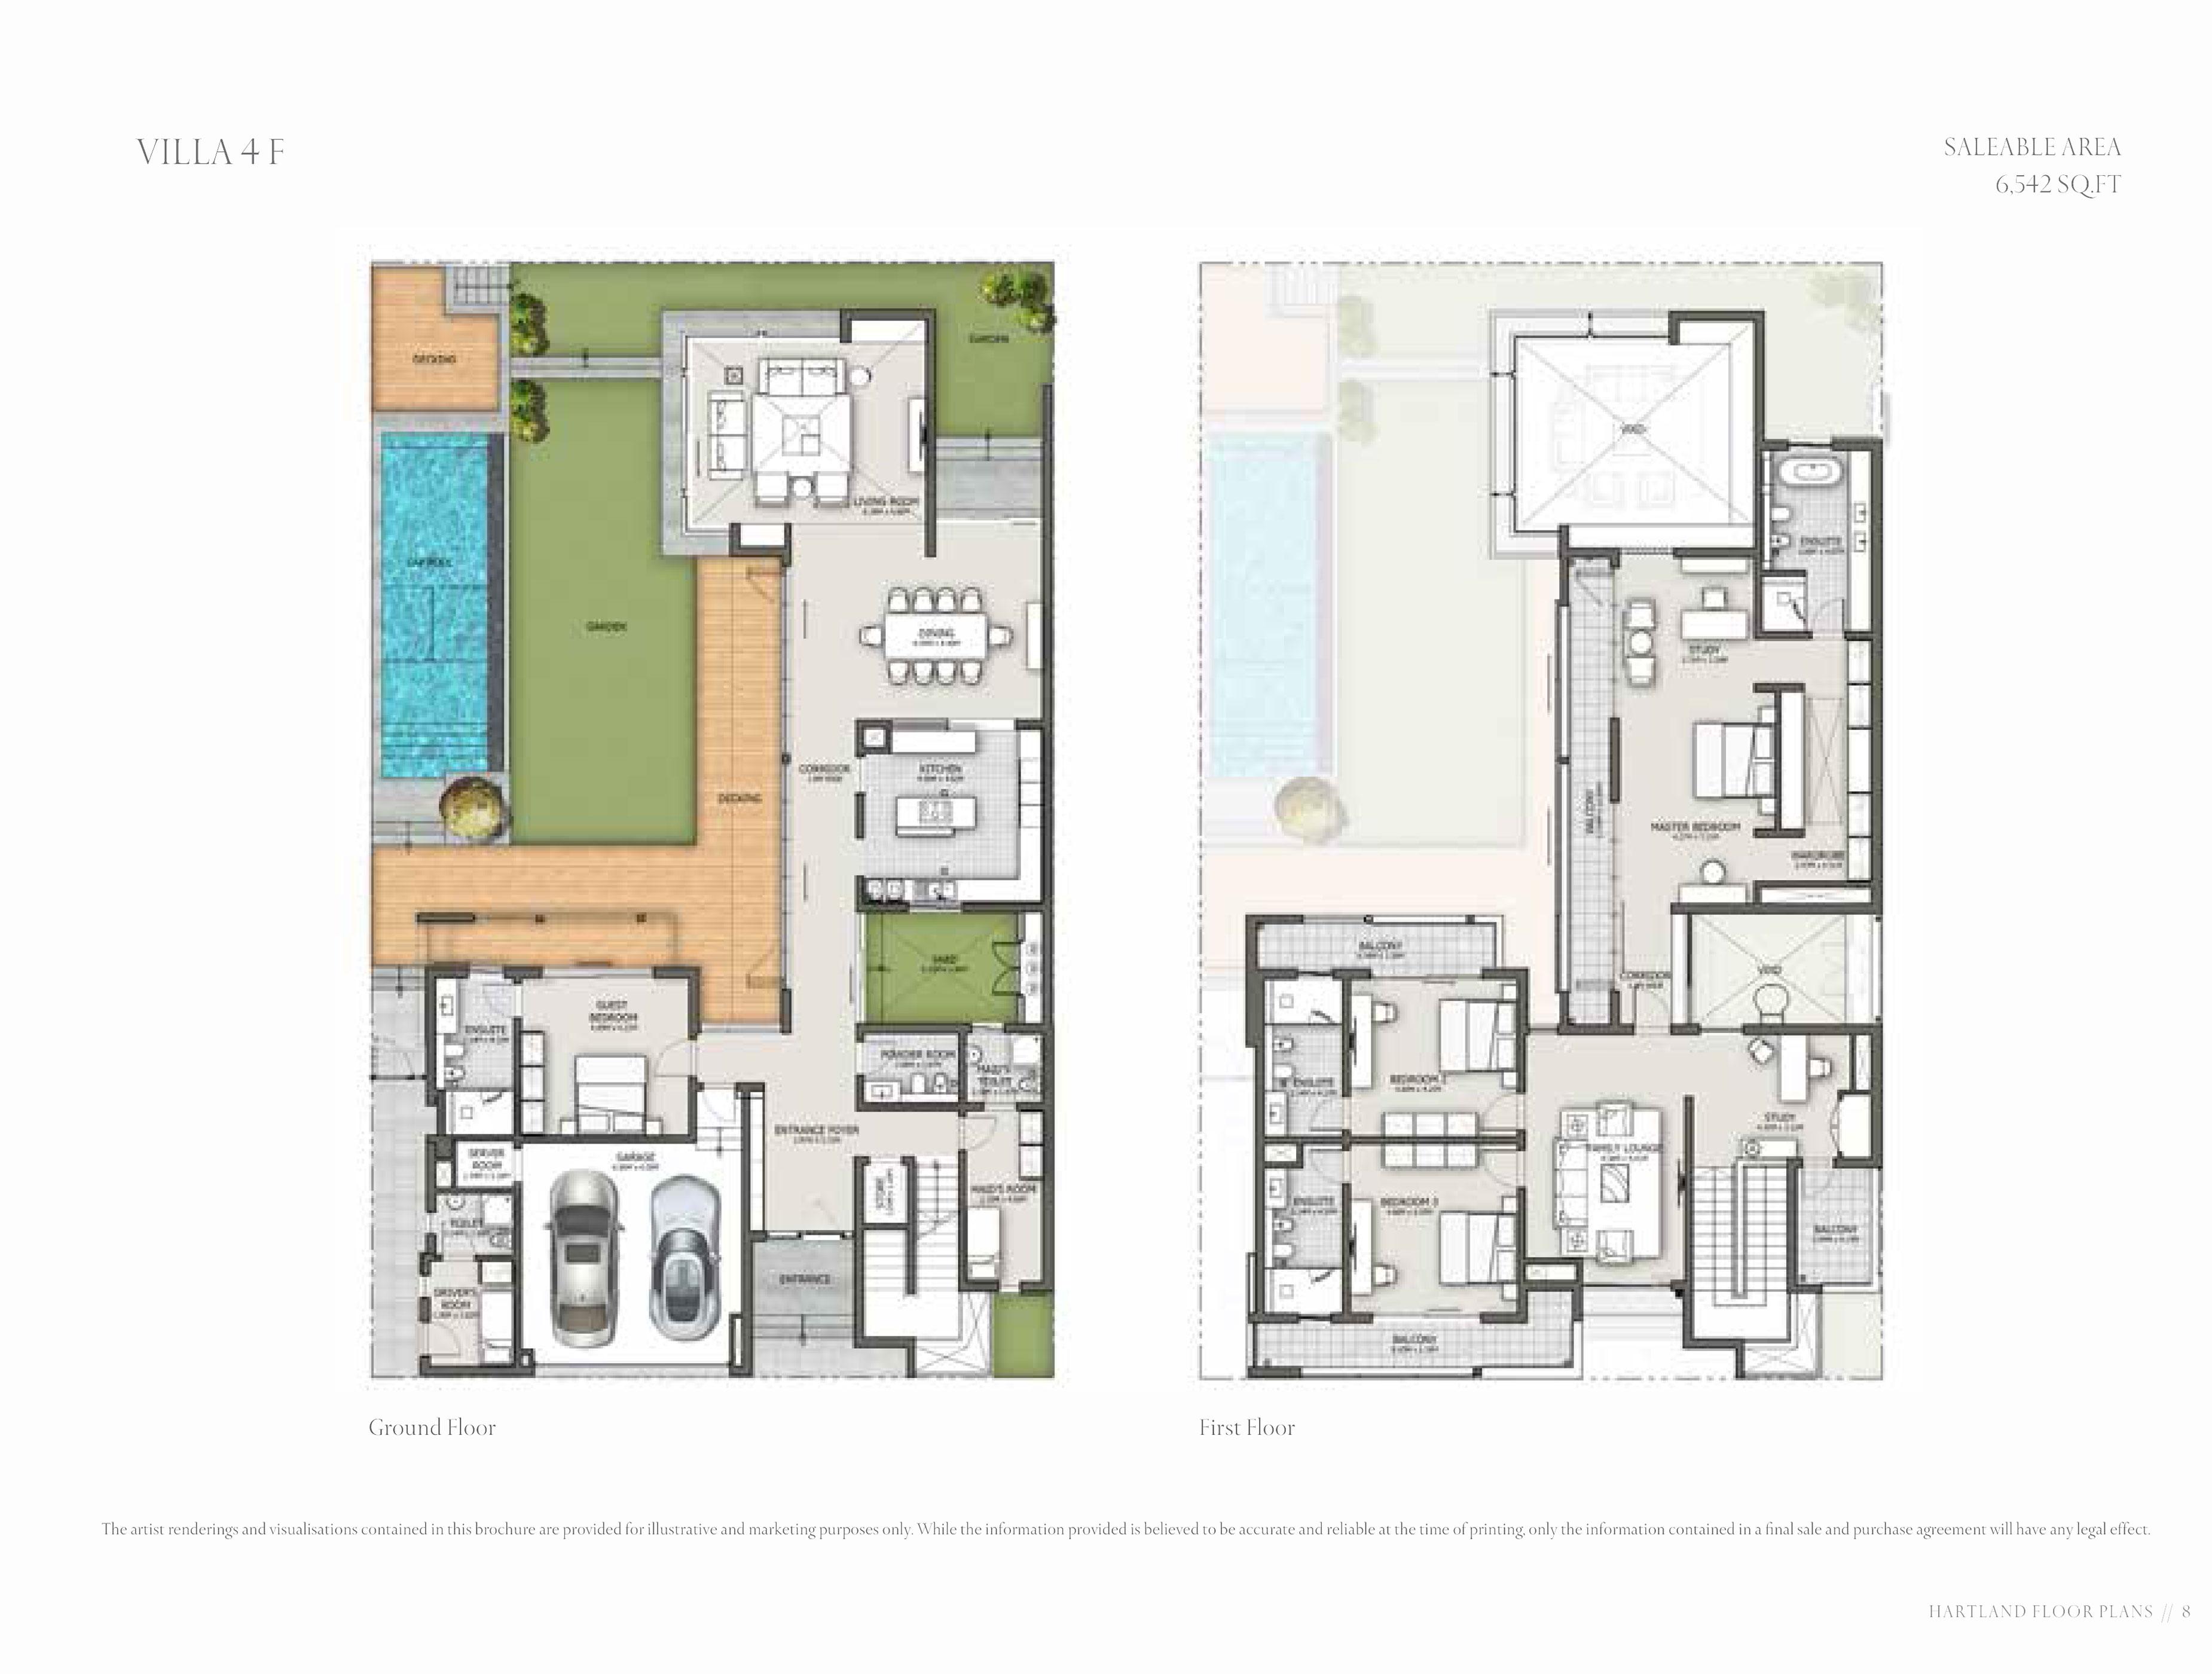 Villas-4F-Area-6542